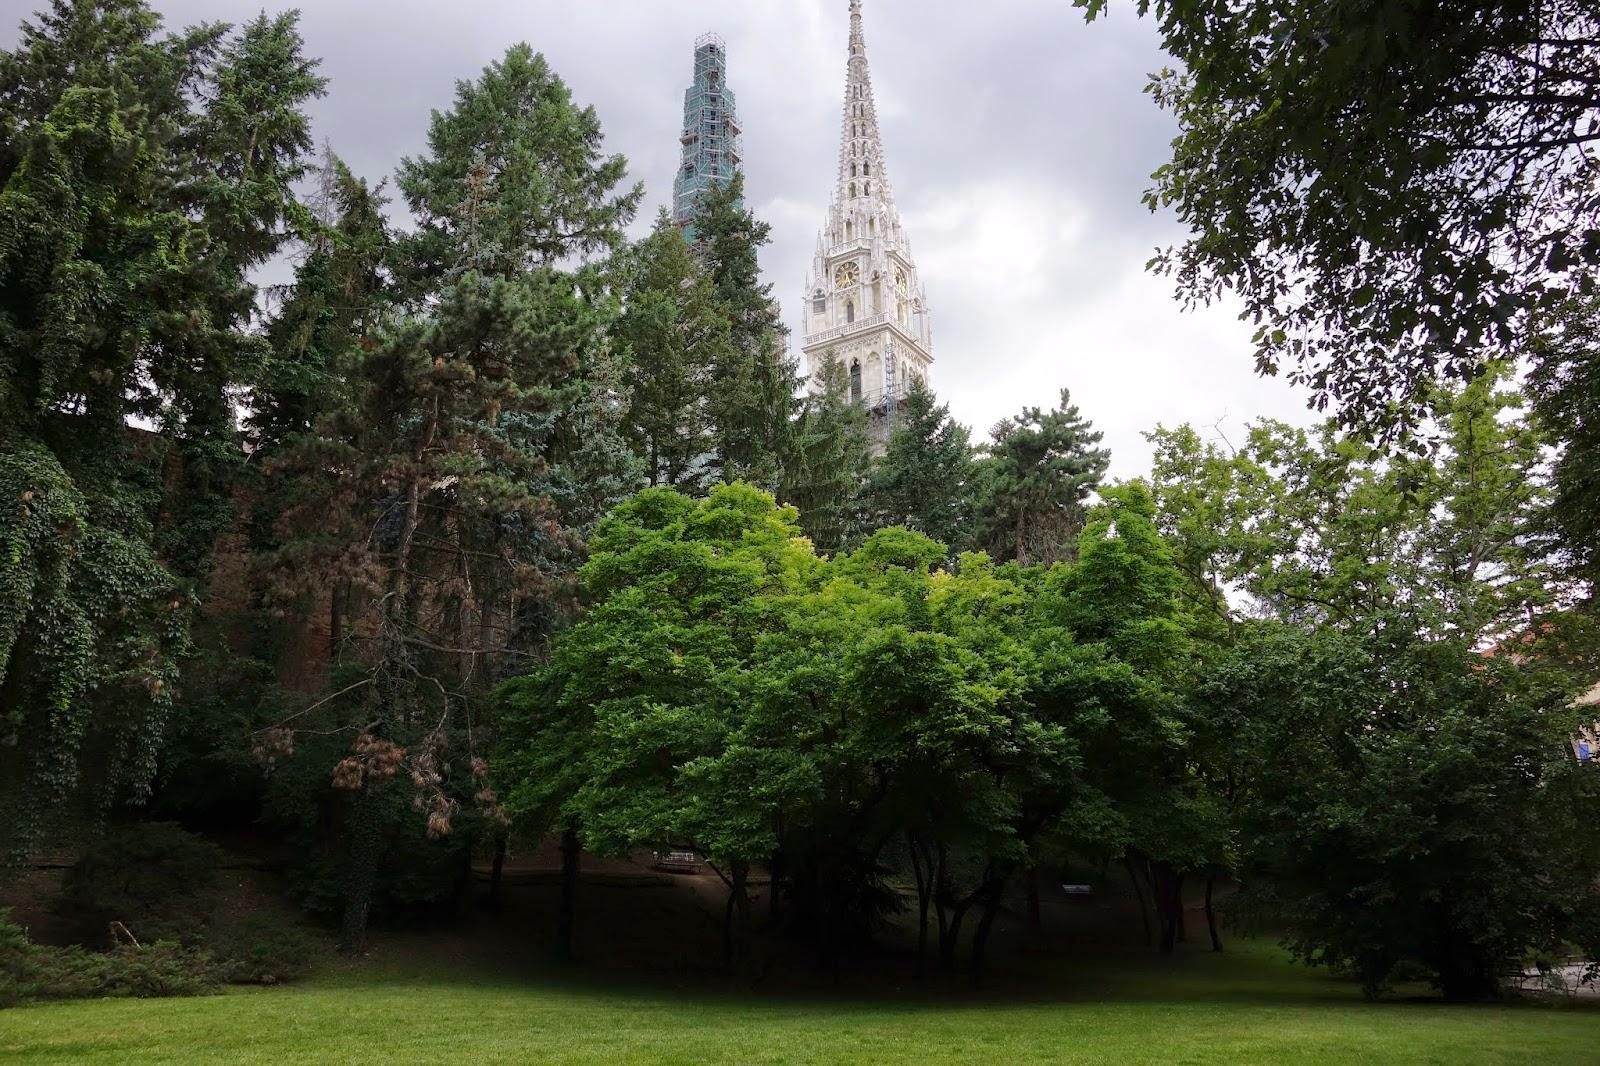 Tourisme m dical croatie les parcs de zagreb for Jardin botanique 78